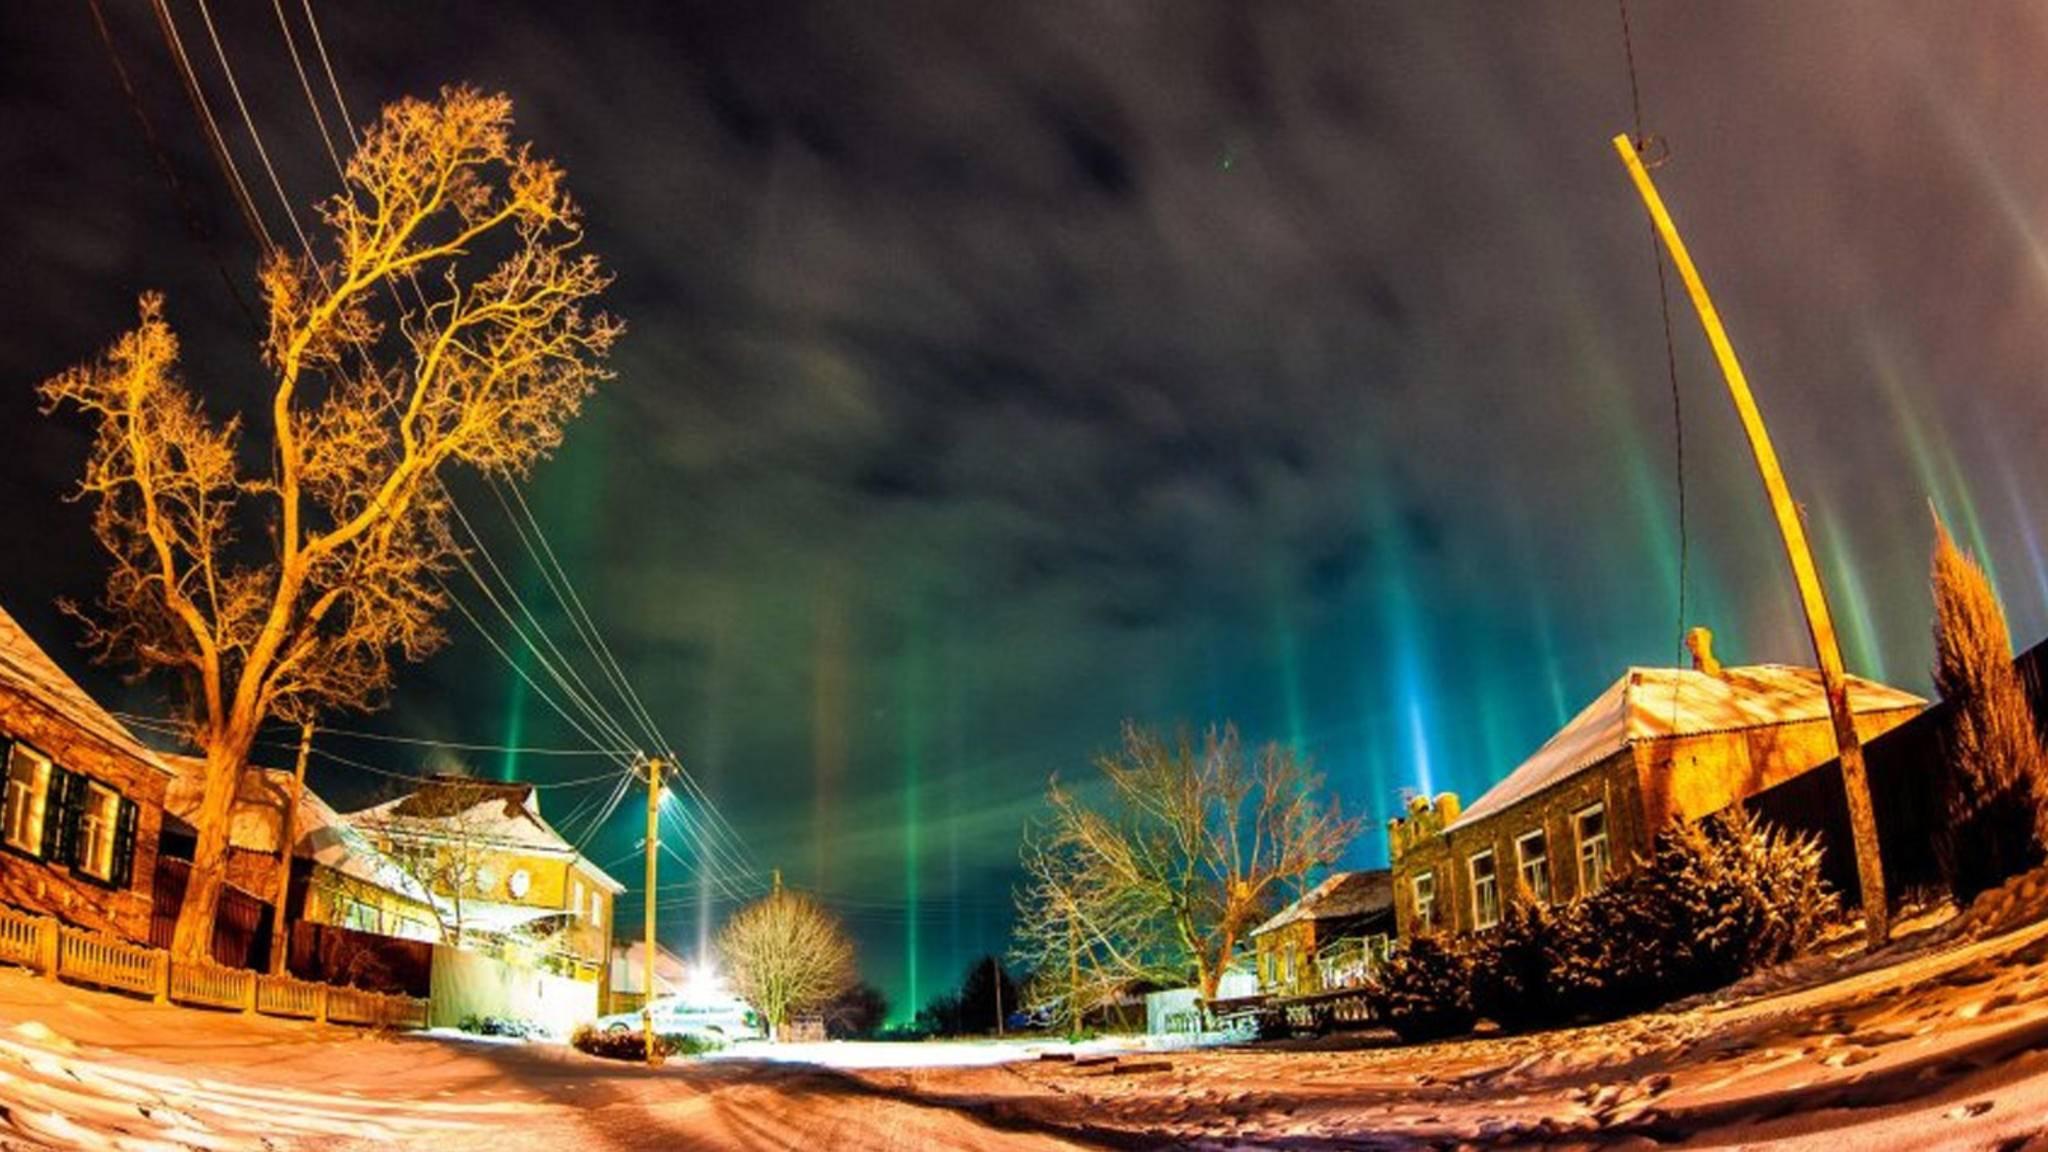 Die bunten Lichtsäulen gibt es nur im Auge des Betrachters.